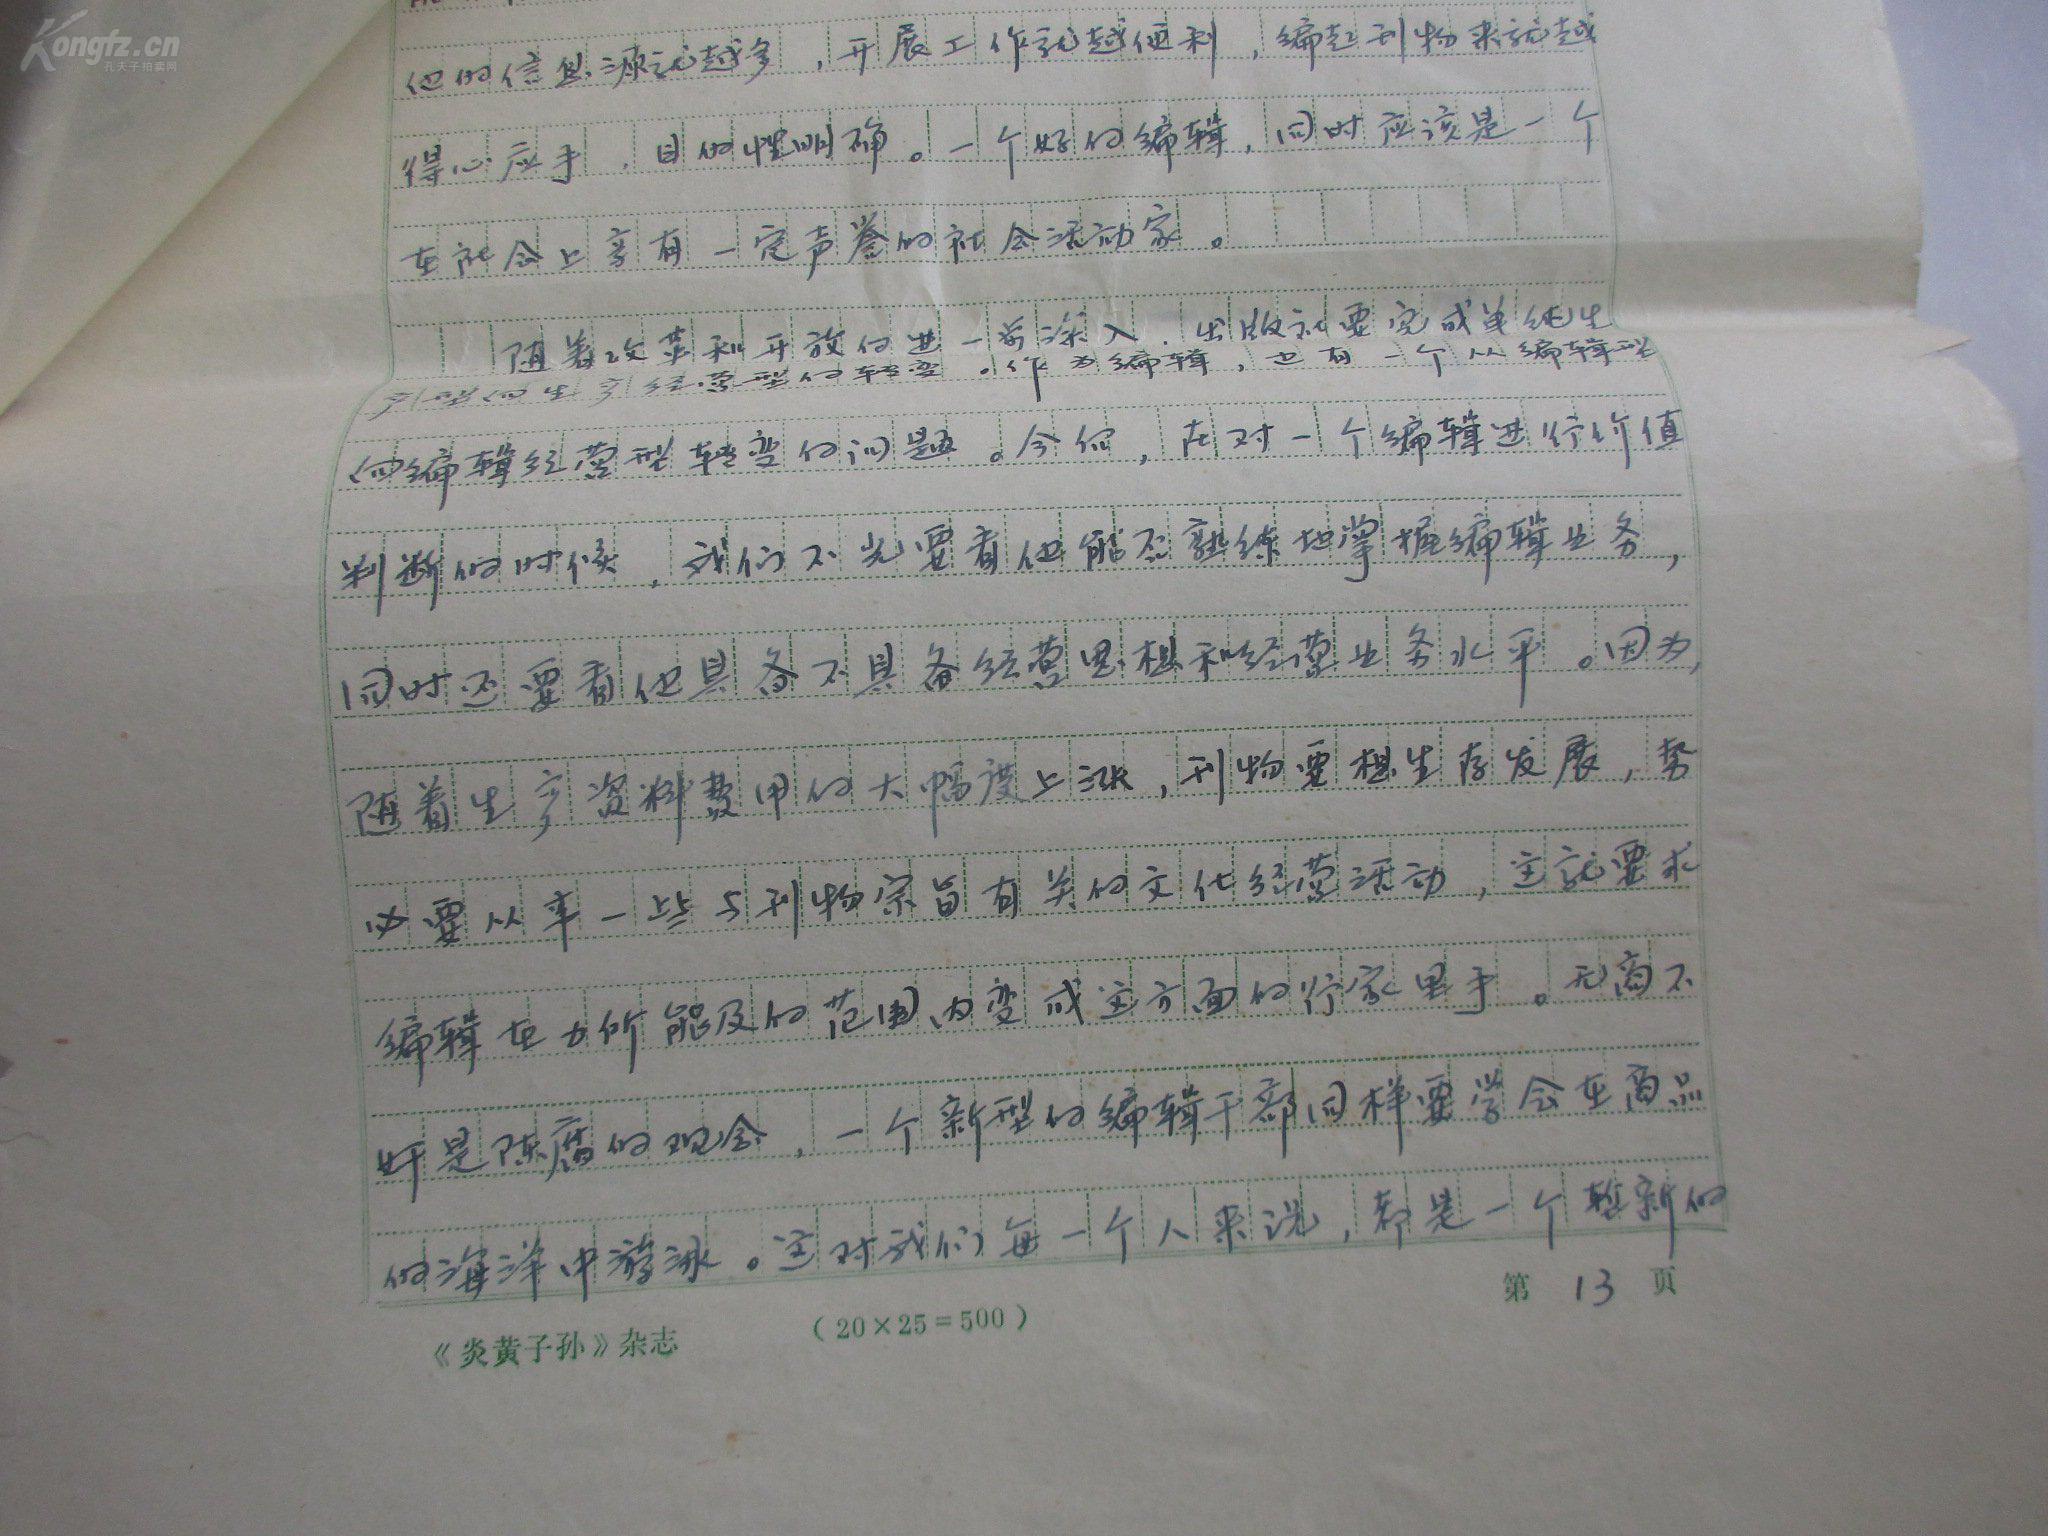 杂志社稿件 著名作家. 炎黄子孙 杂志主编,华龄出版社社长丁洪章 8开